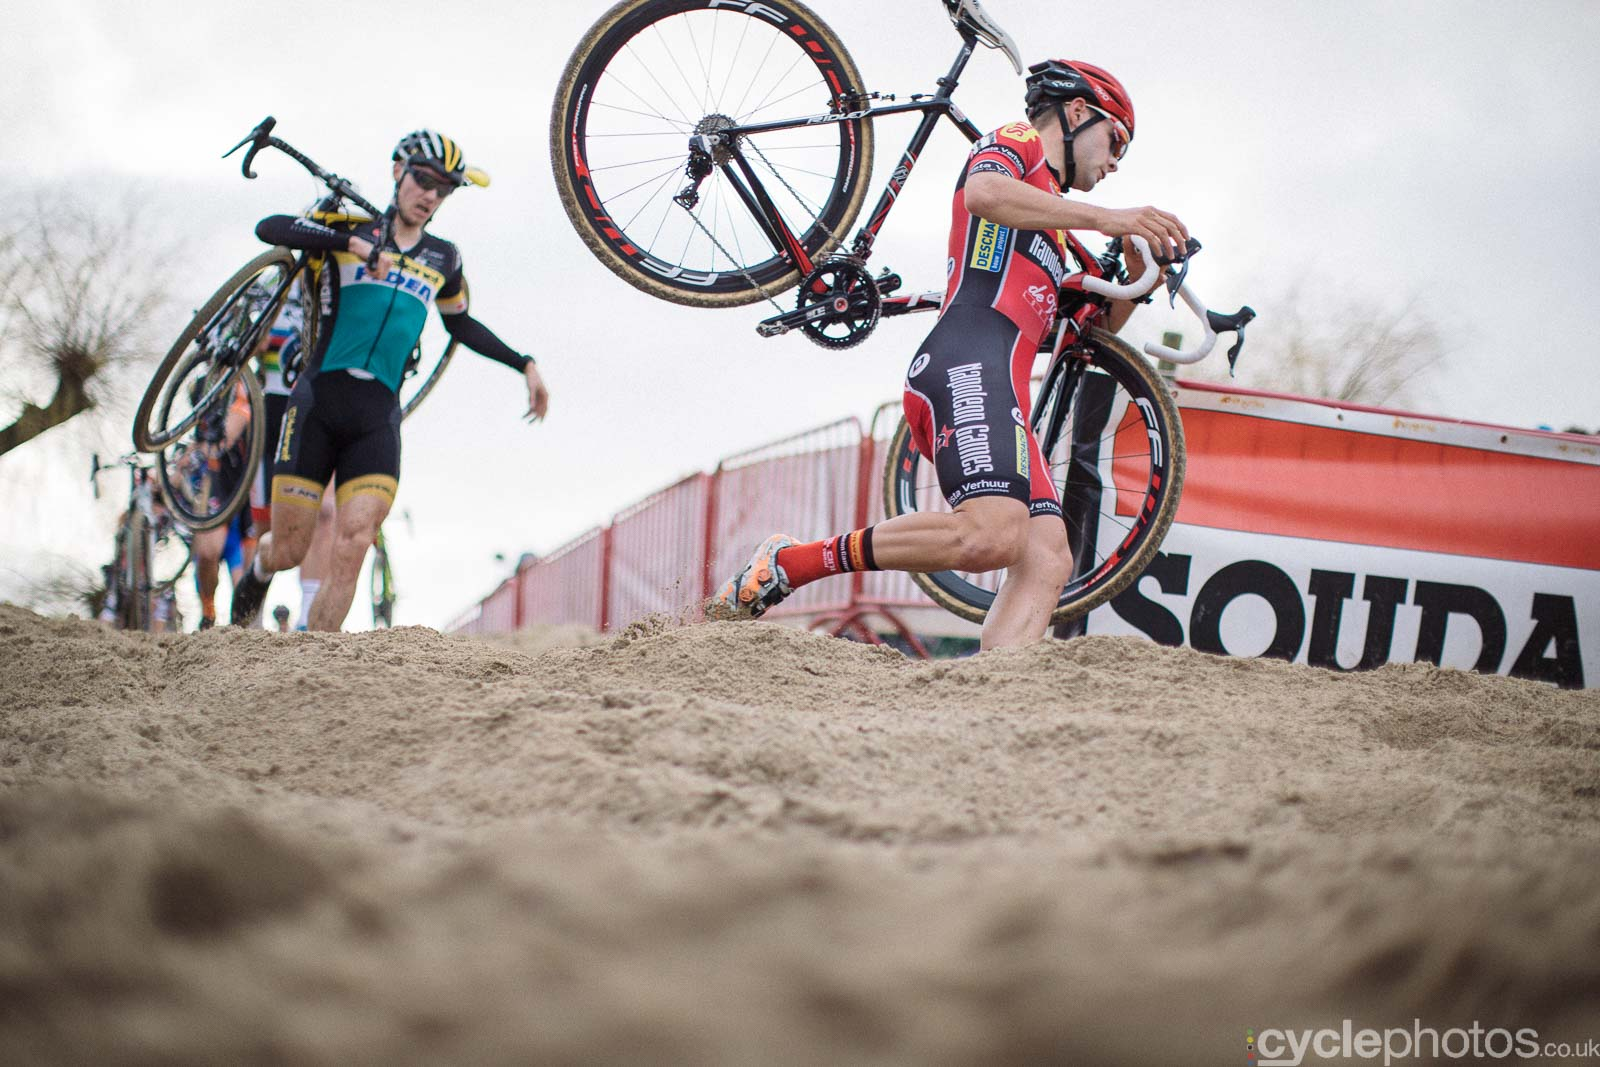 2015-cyclephotos-cyclocross-scheldecross-151150-gianni-vermeersch